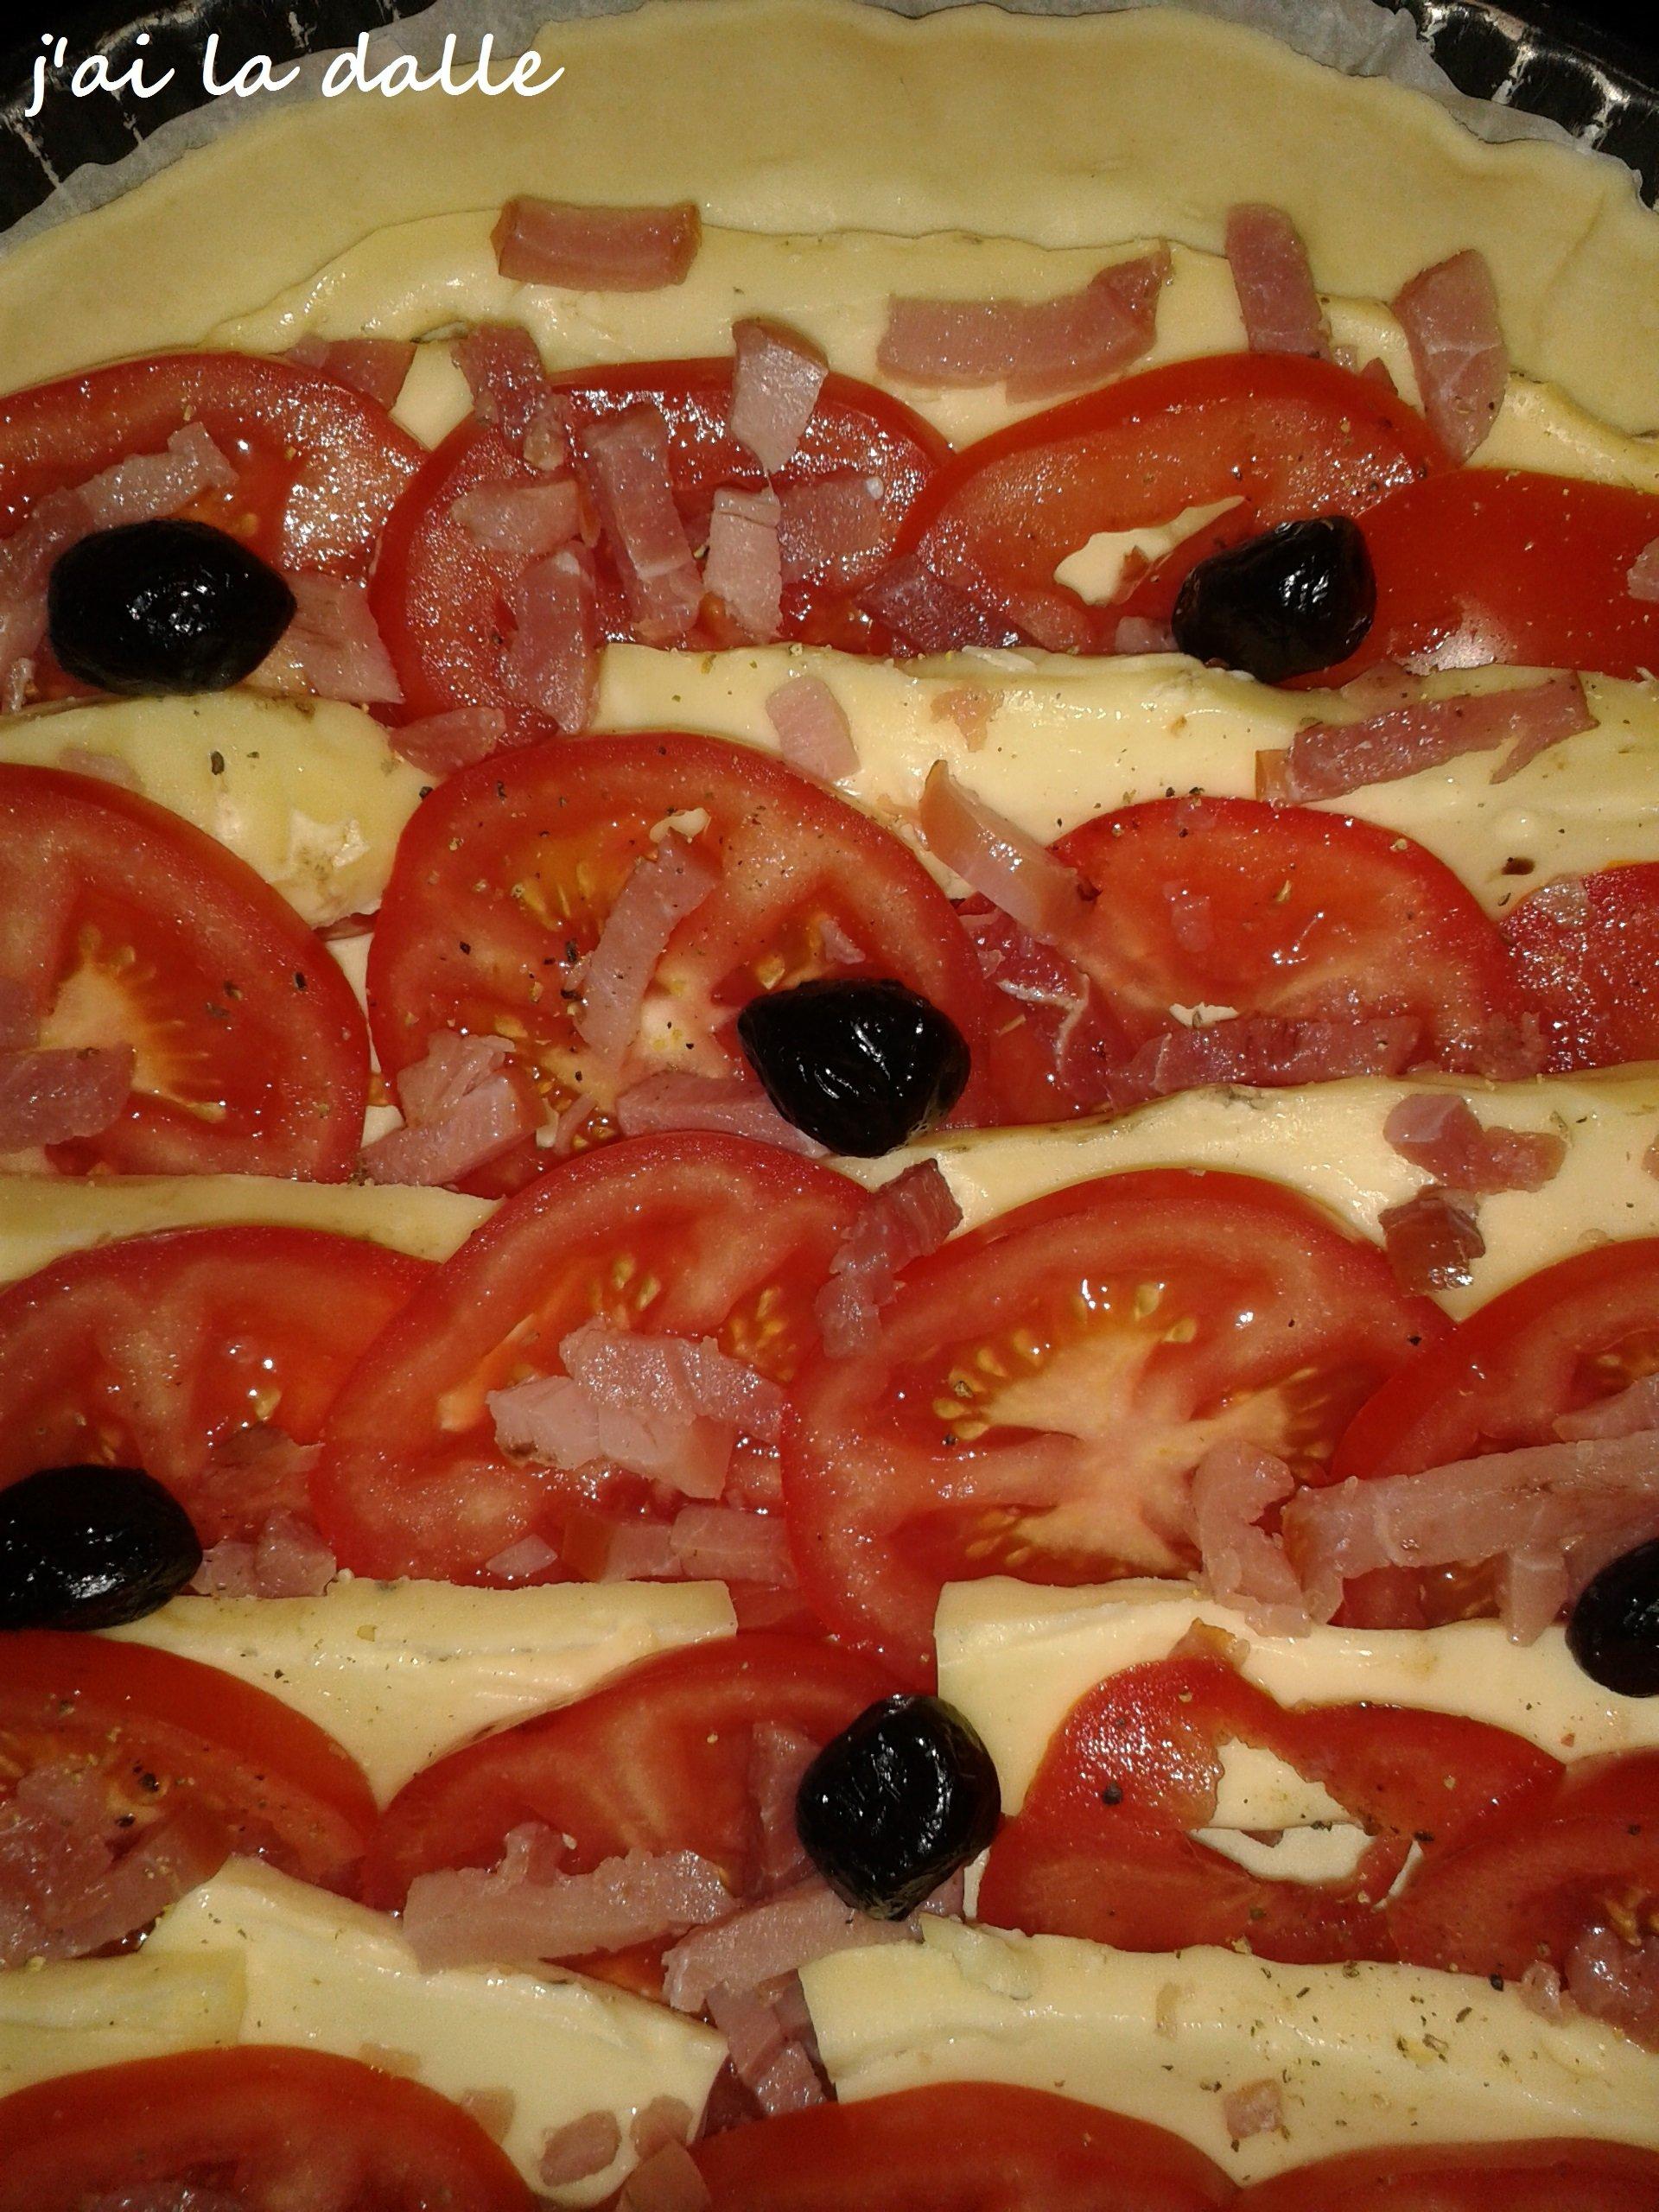 Cake Des De Jambons